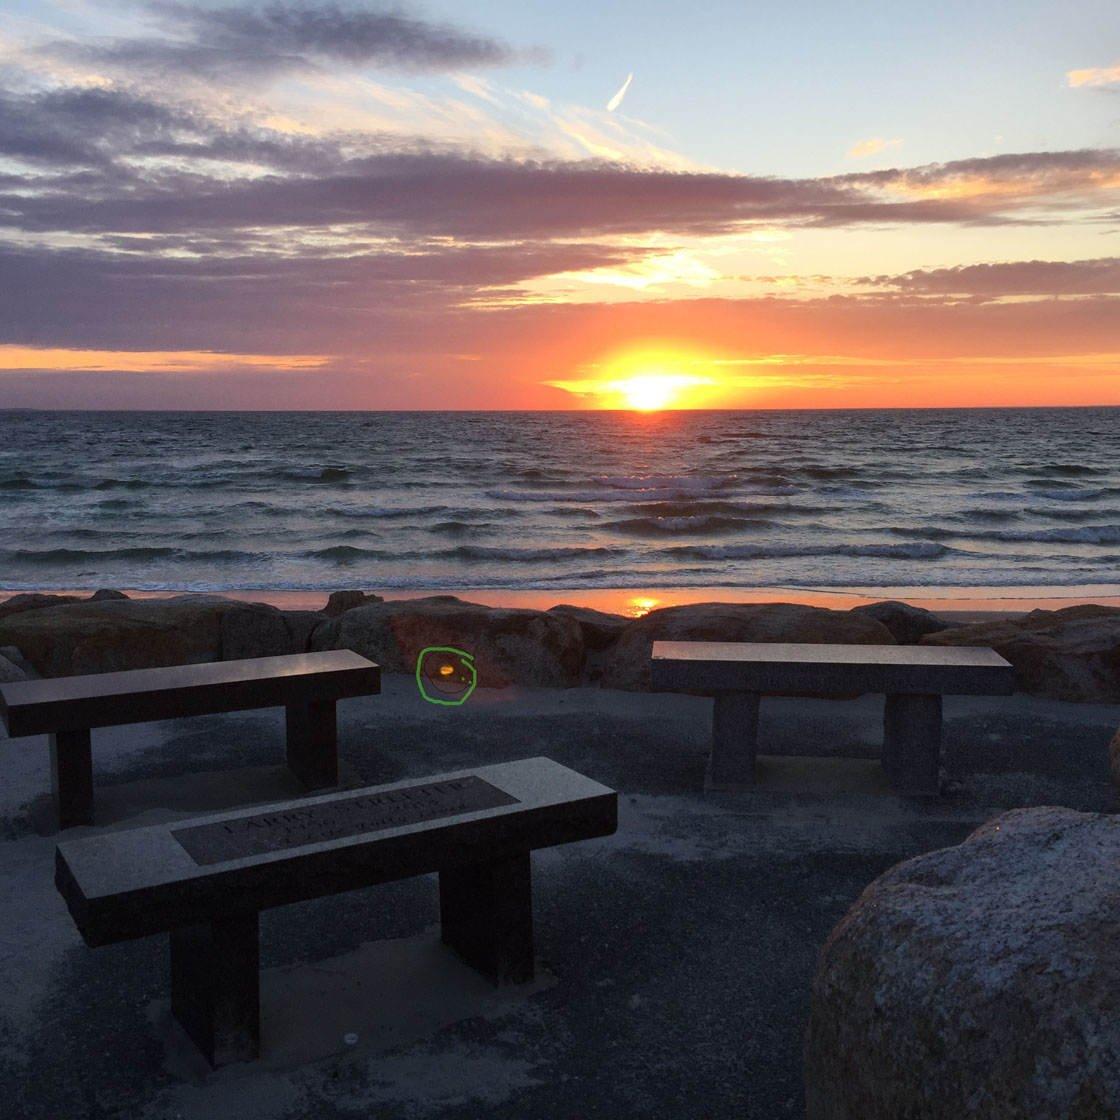 iPhone Sunset Photos15 no script